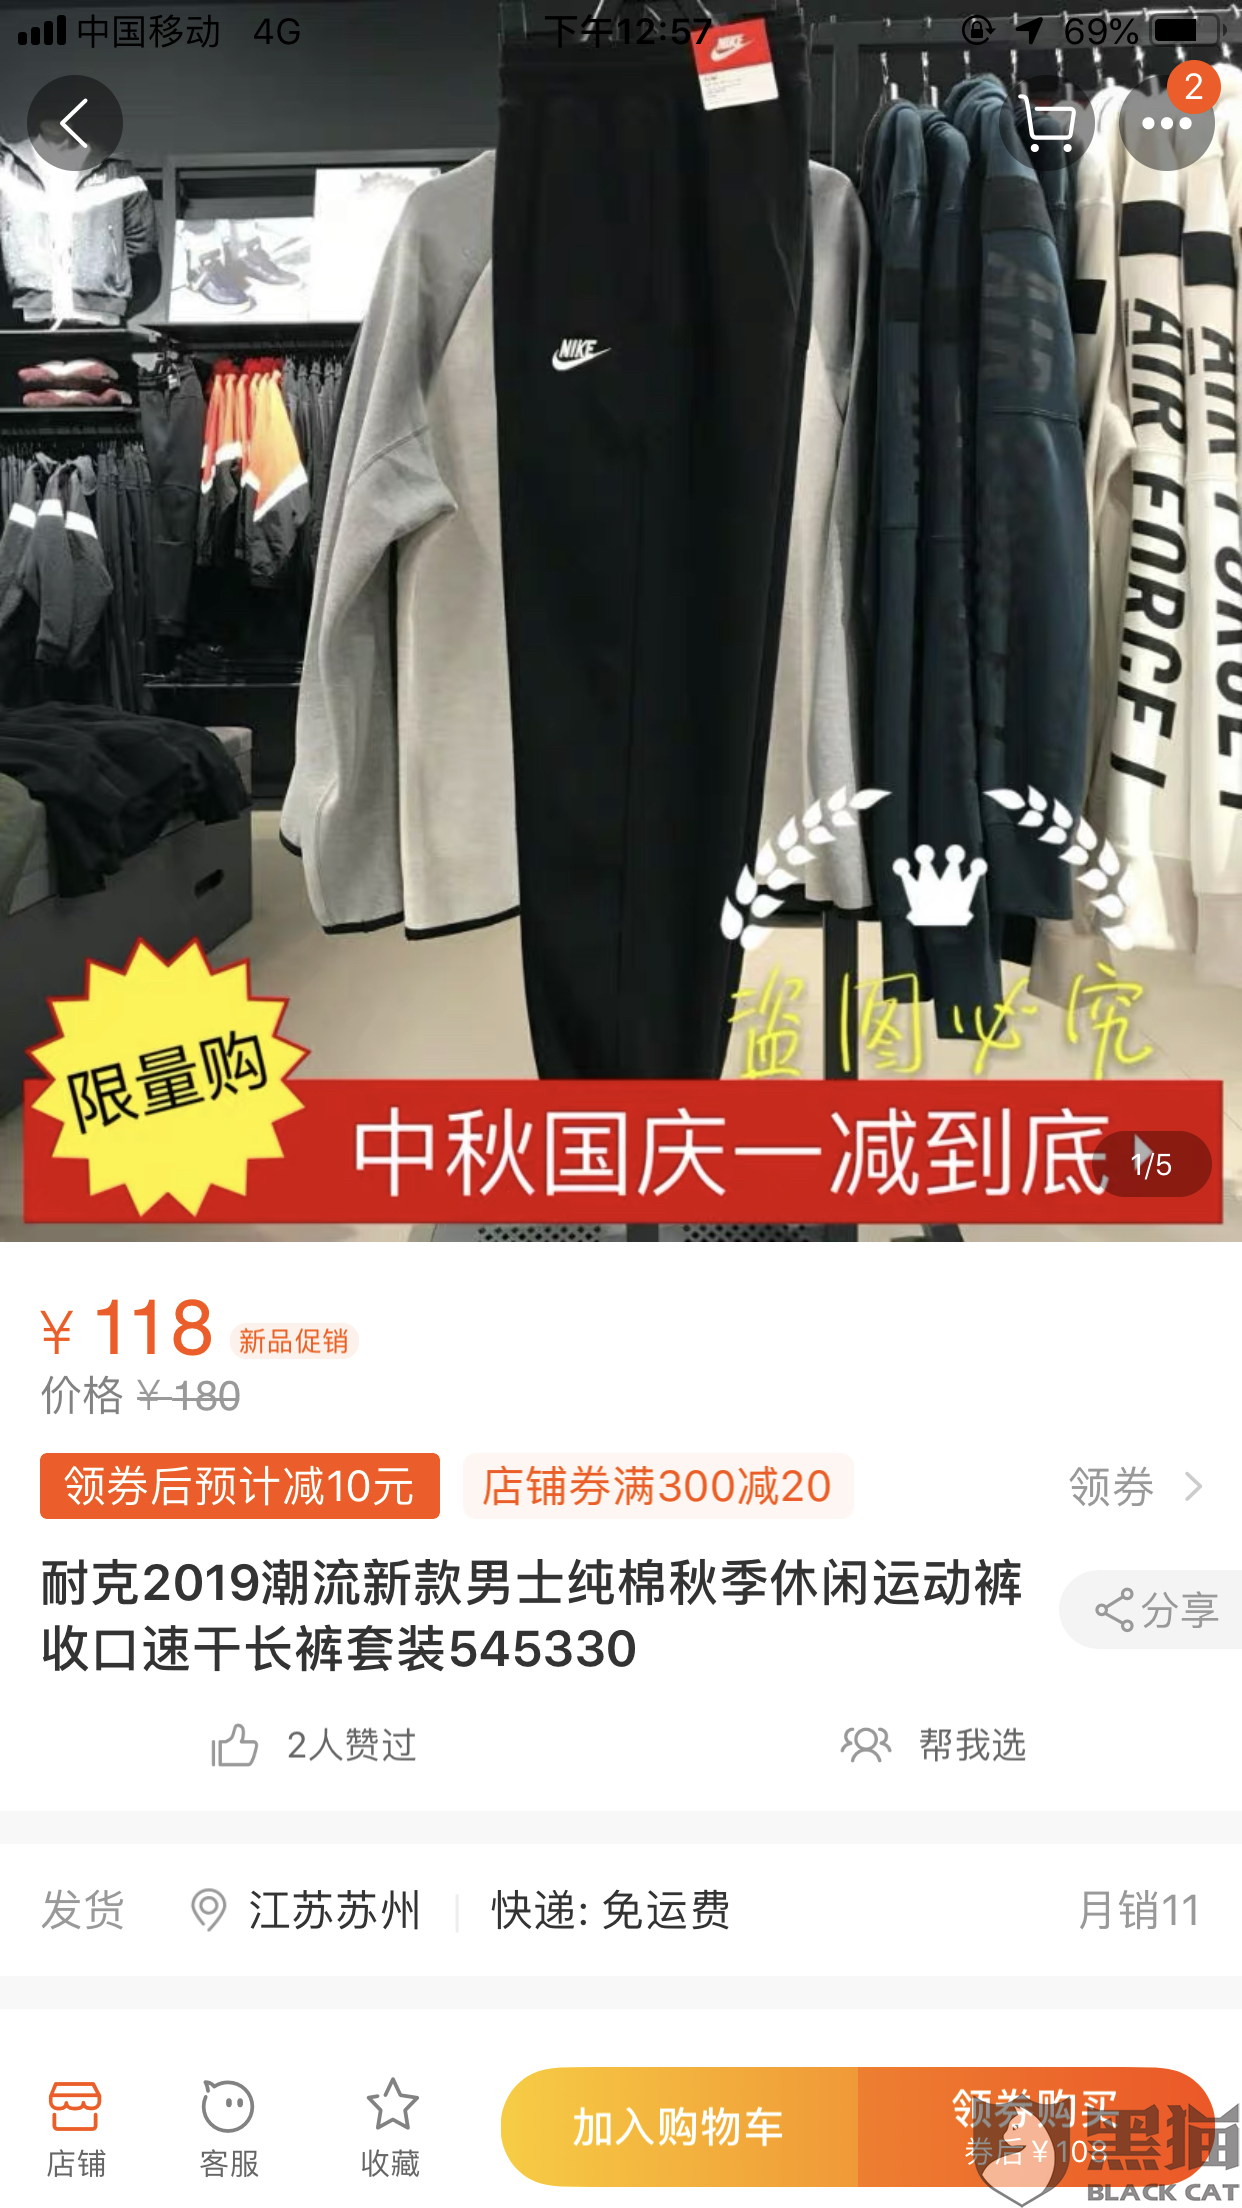 黑猫投诉:在淘宝上购买了一件耐克裤子到货后发现是假货  于是退款卖家拒绝